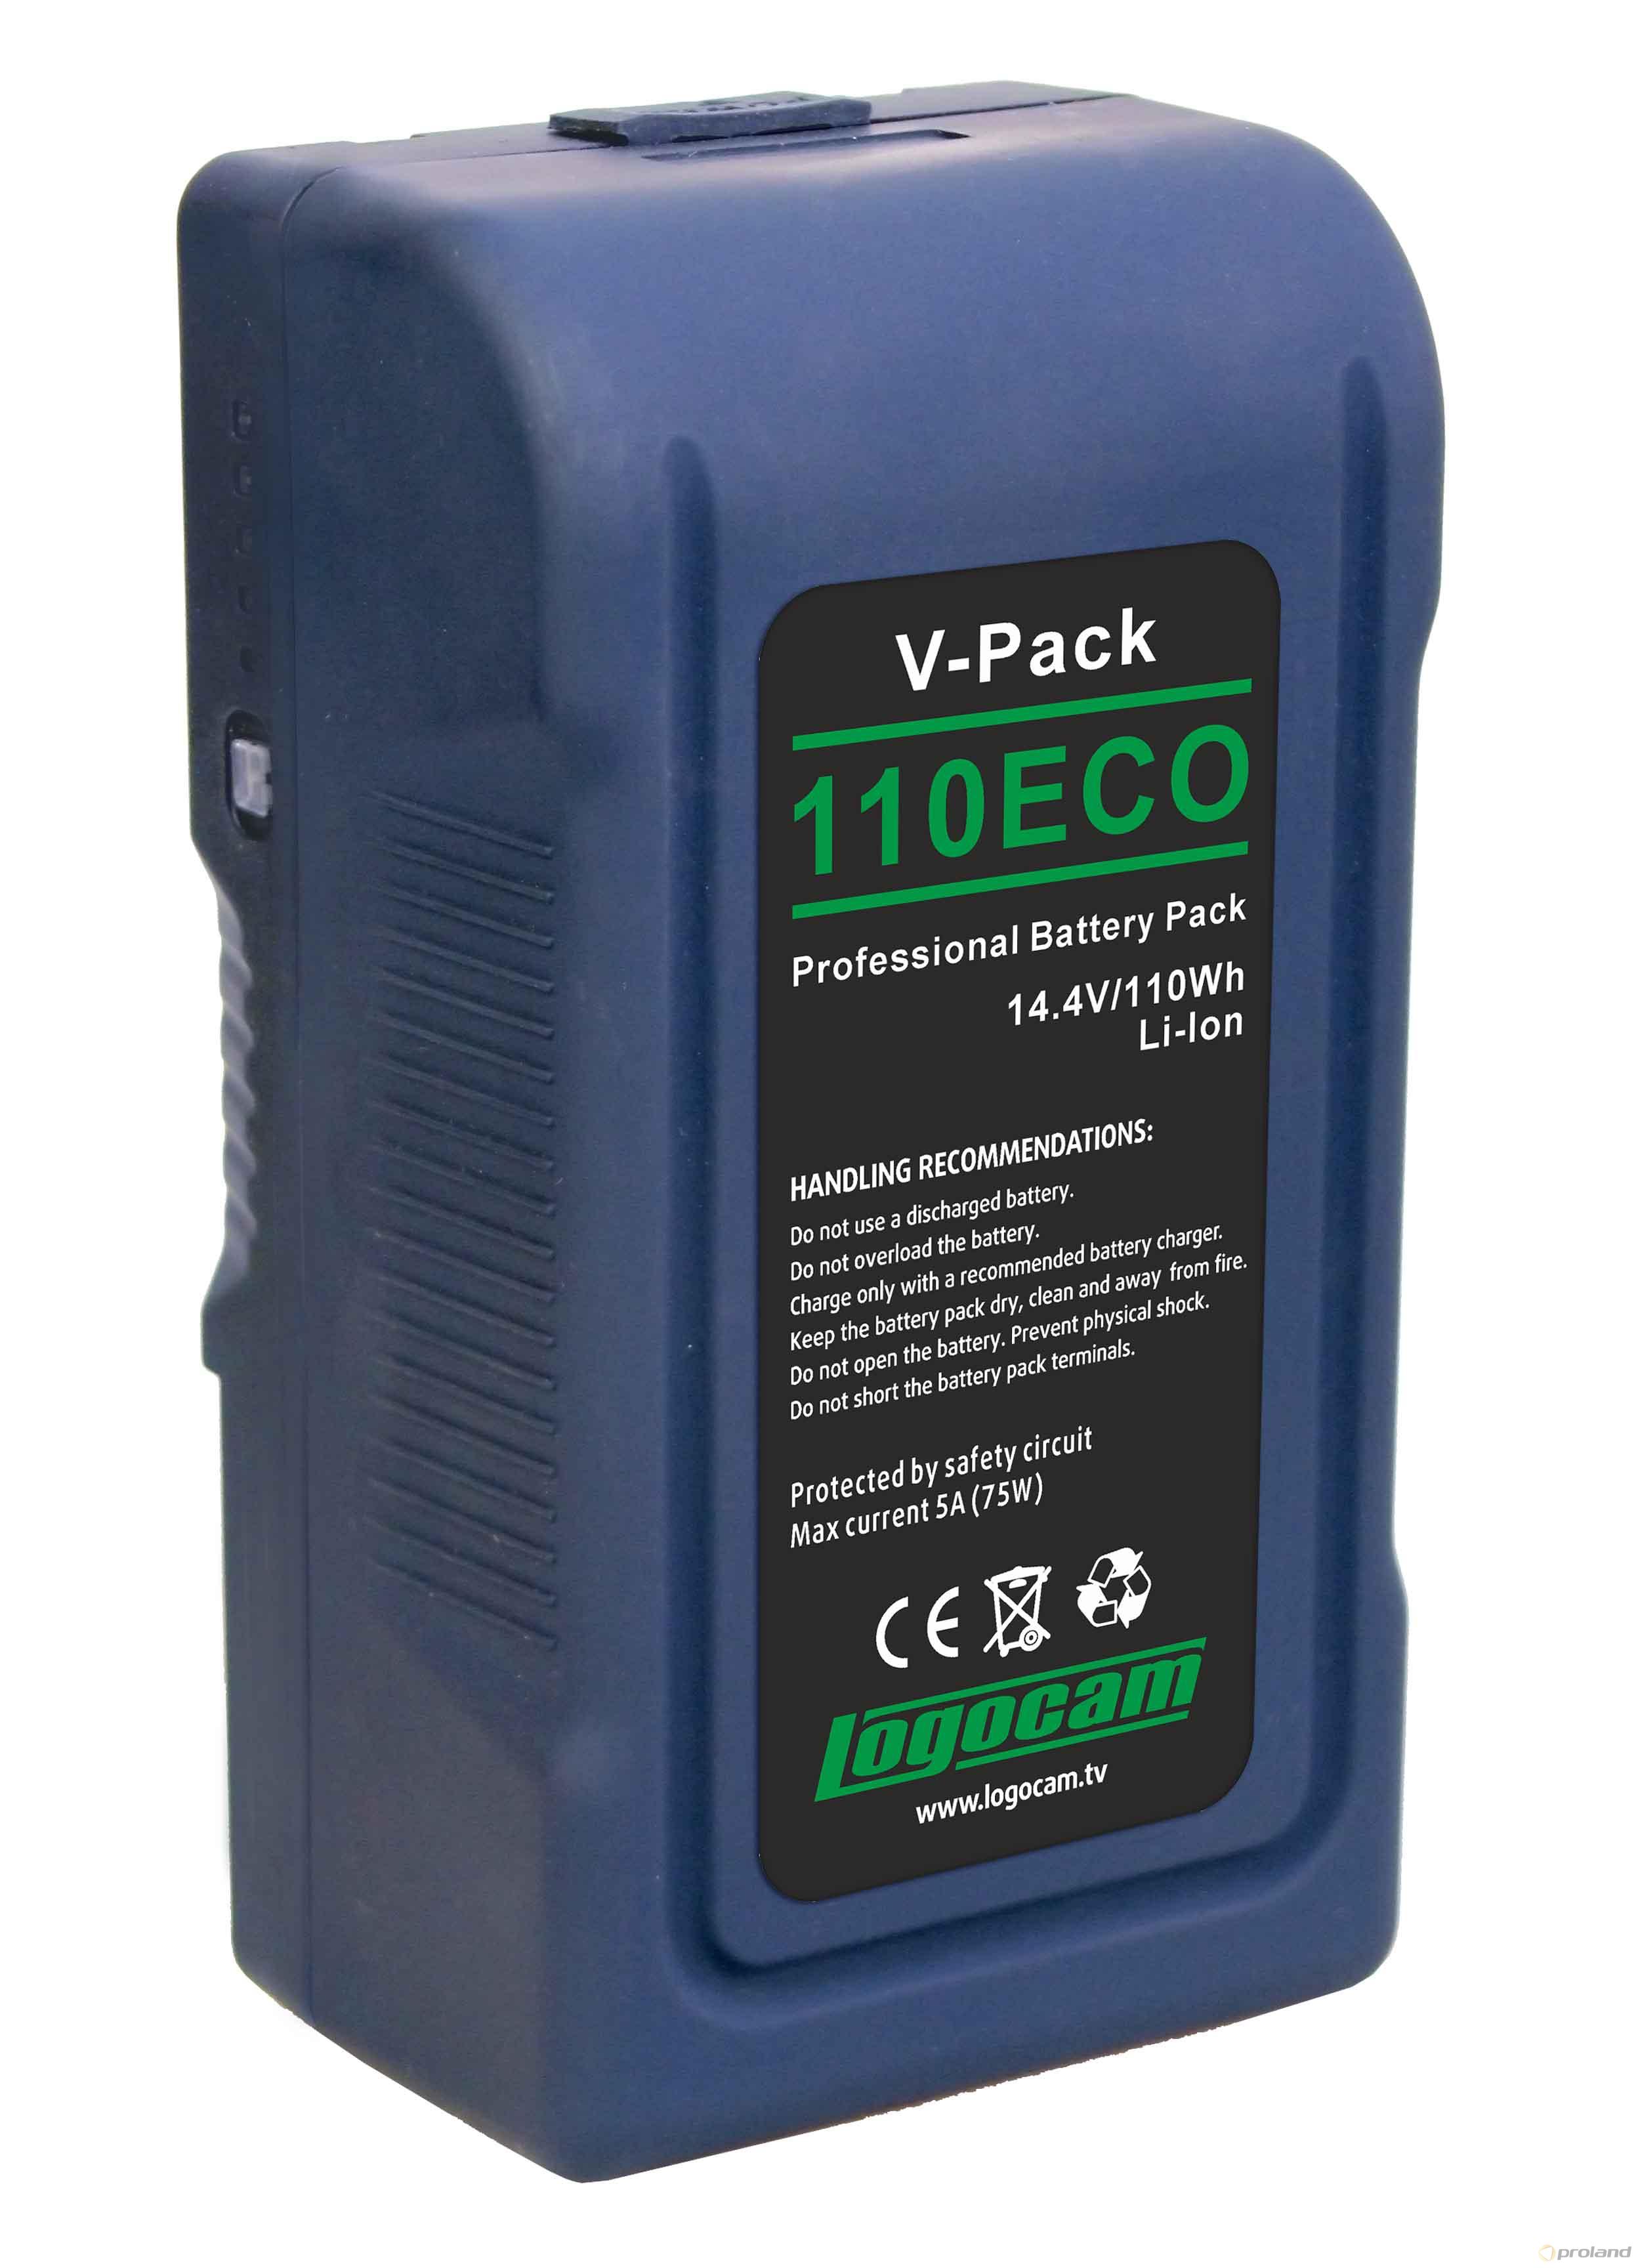 Logocam V-Pack 110 ECO